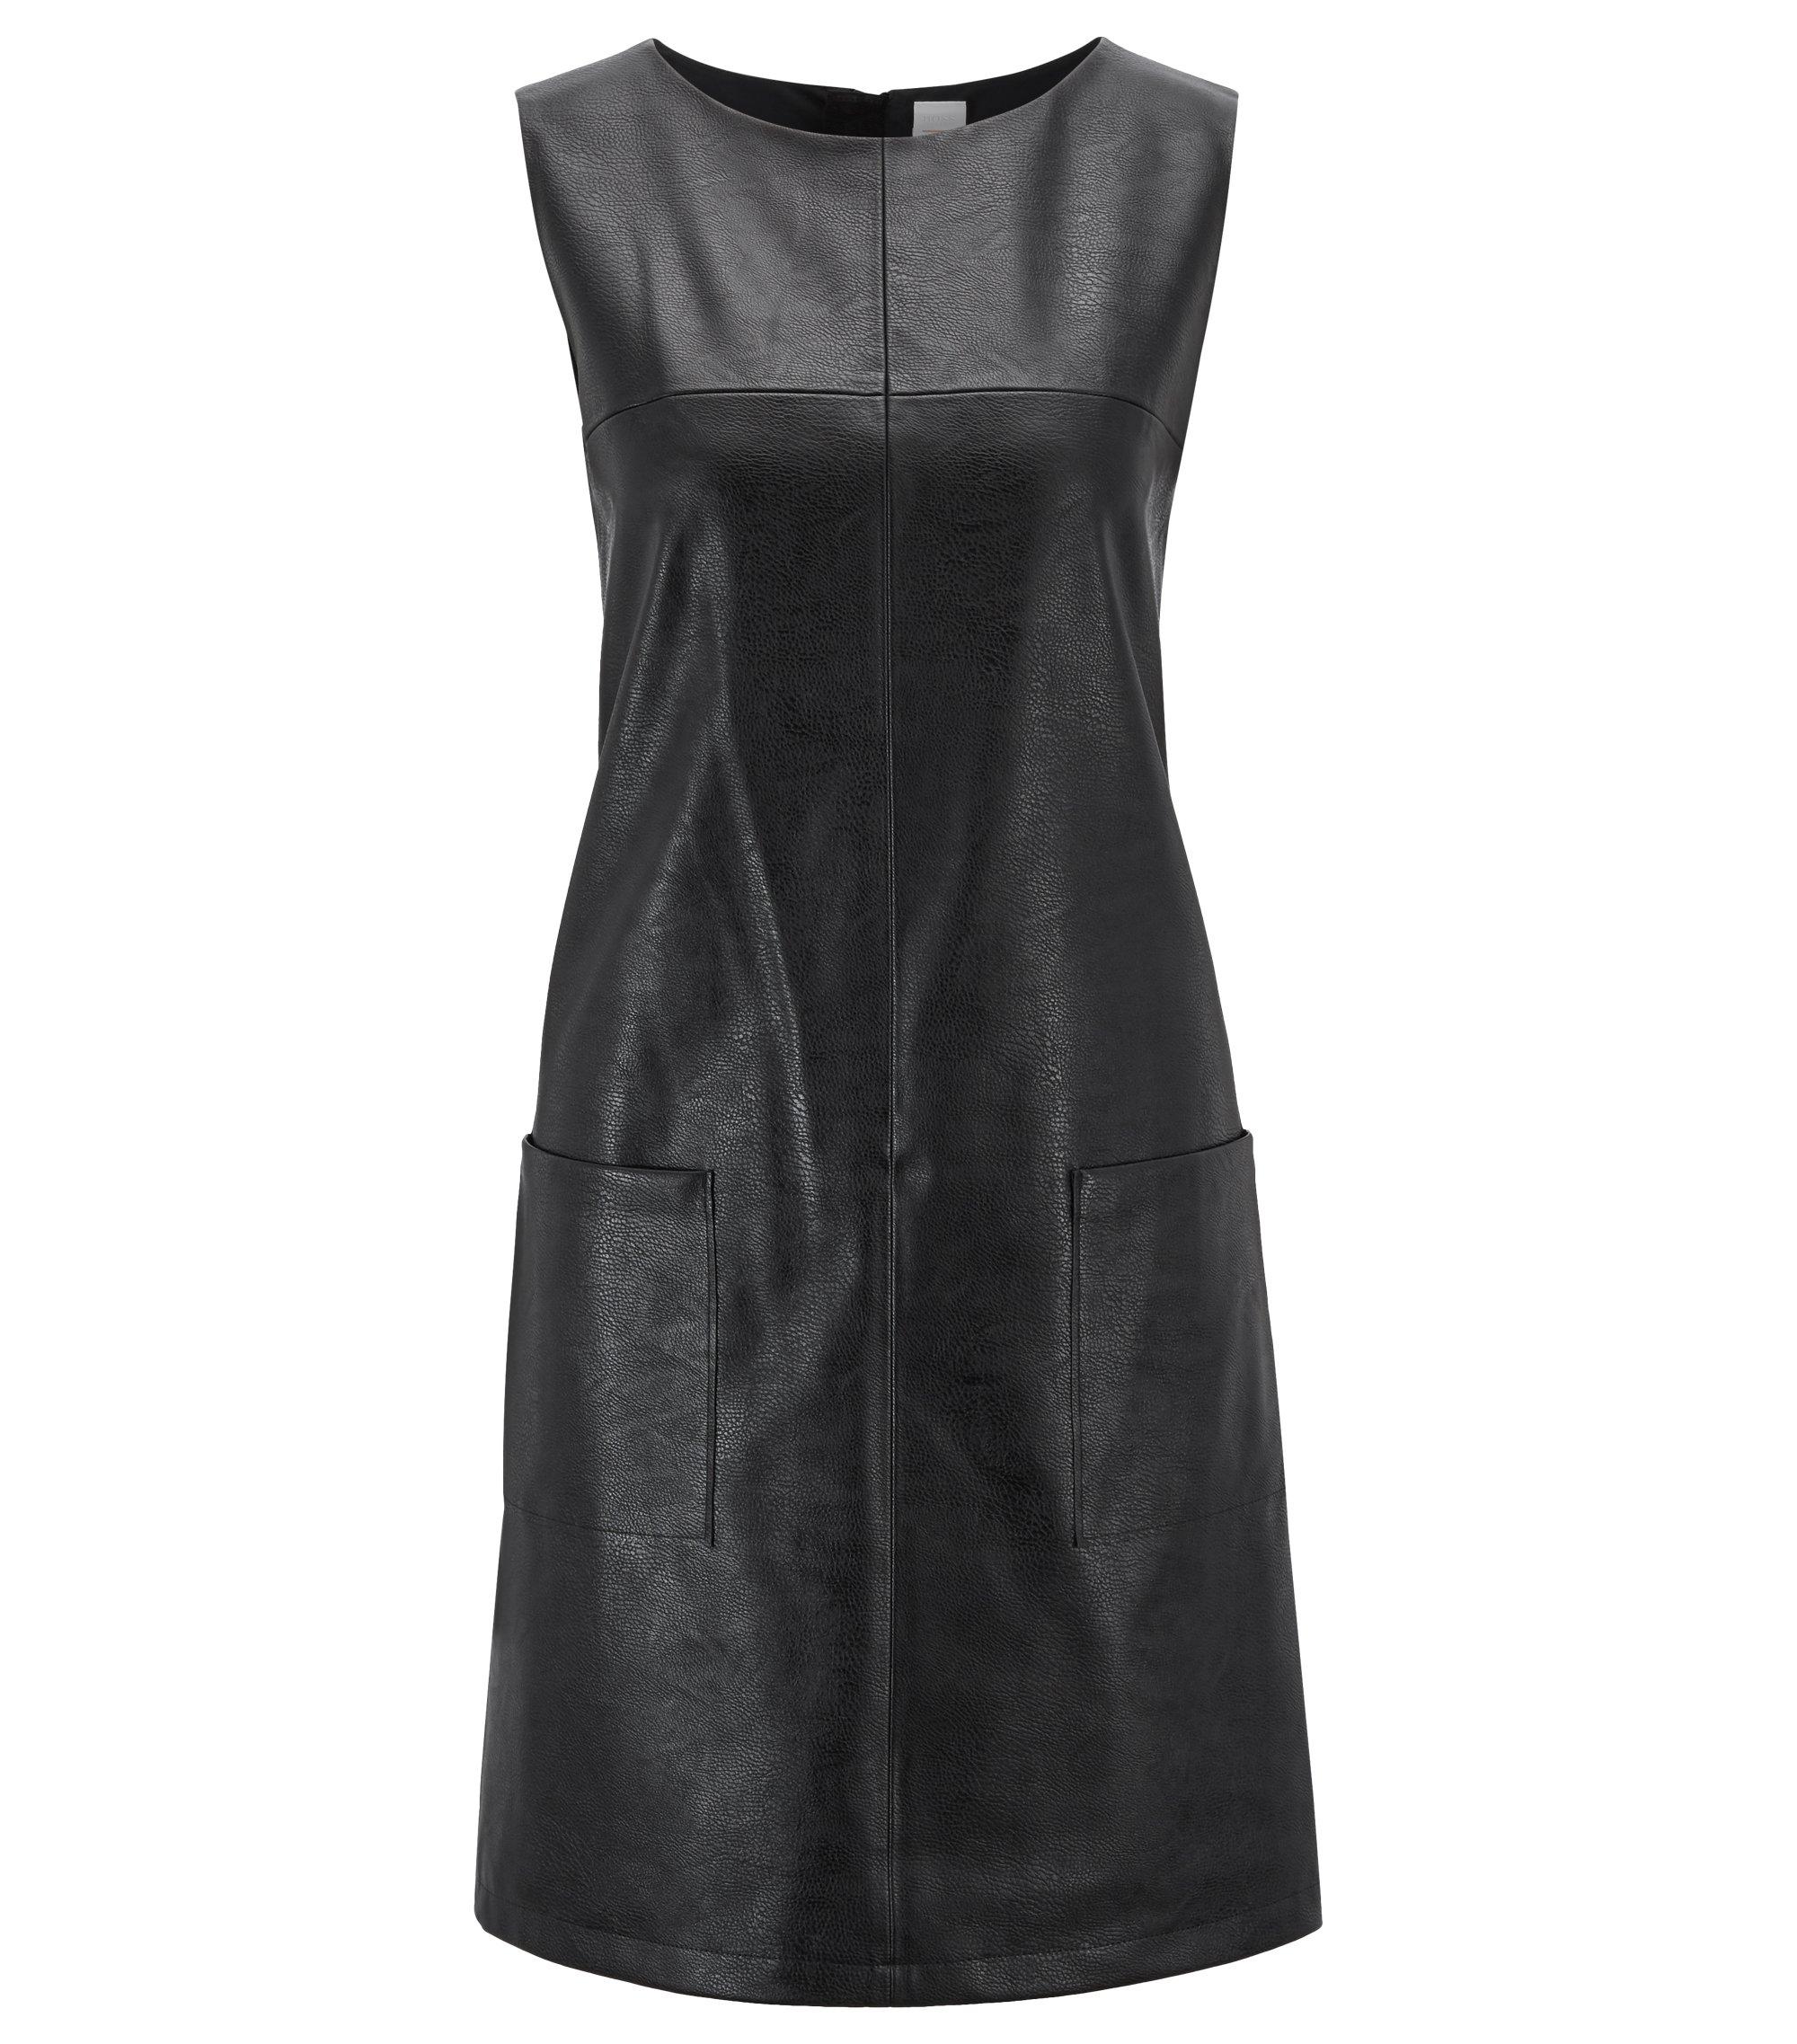 Mouwloze jurk met opgezette zakken van imitatieleer, Zwart